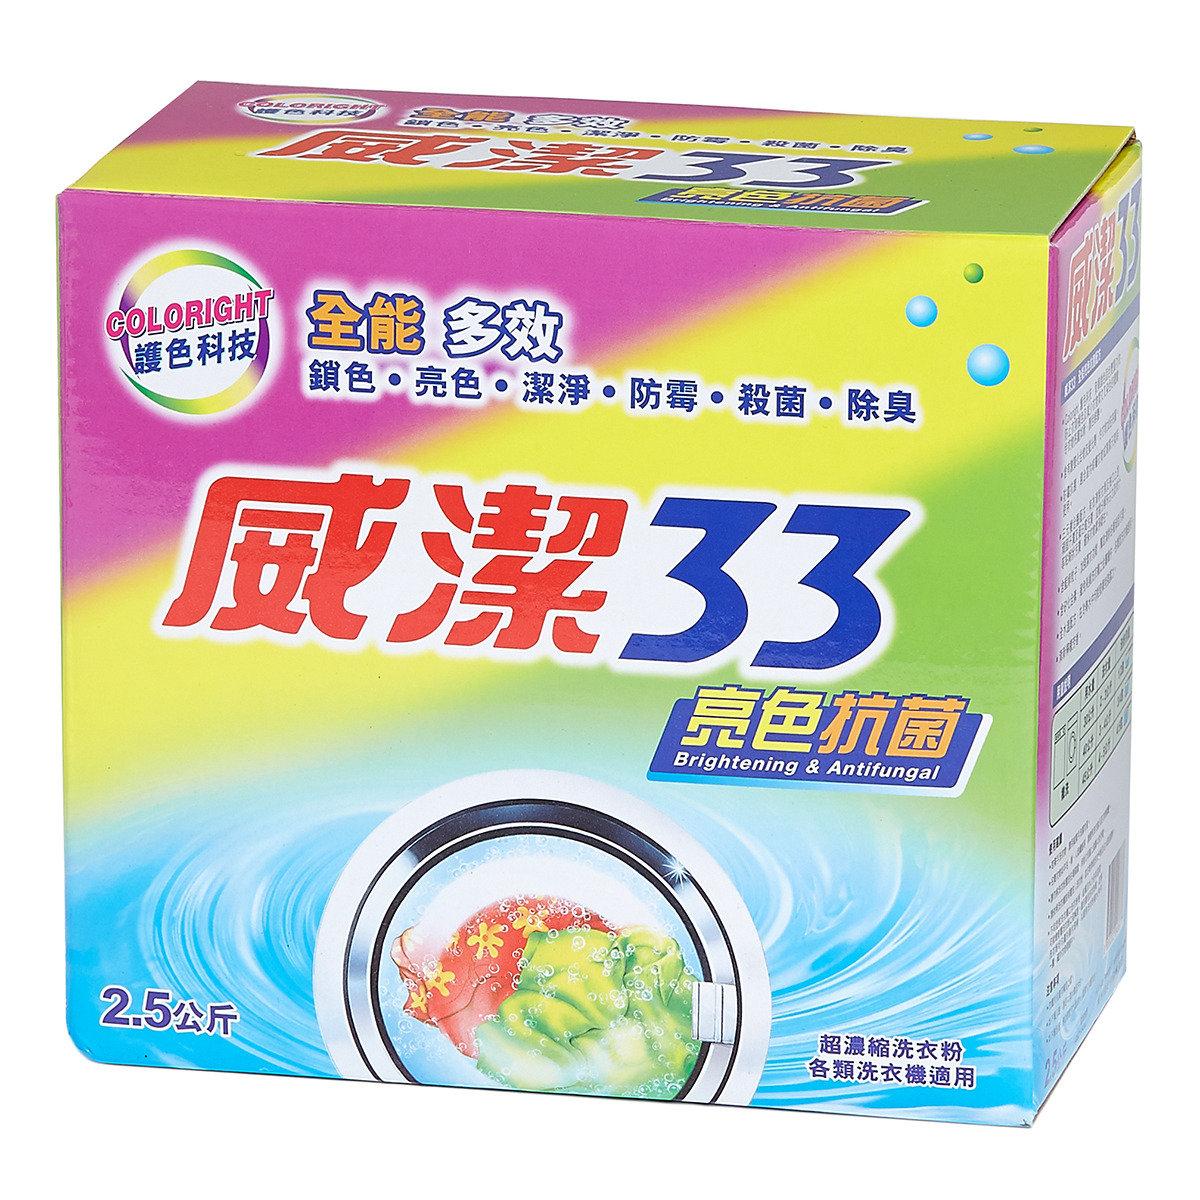 亮色抗菌洗衣粉